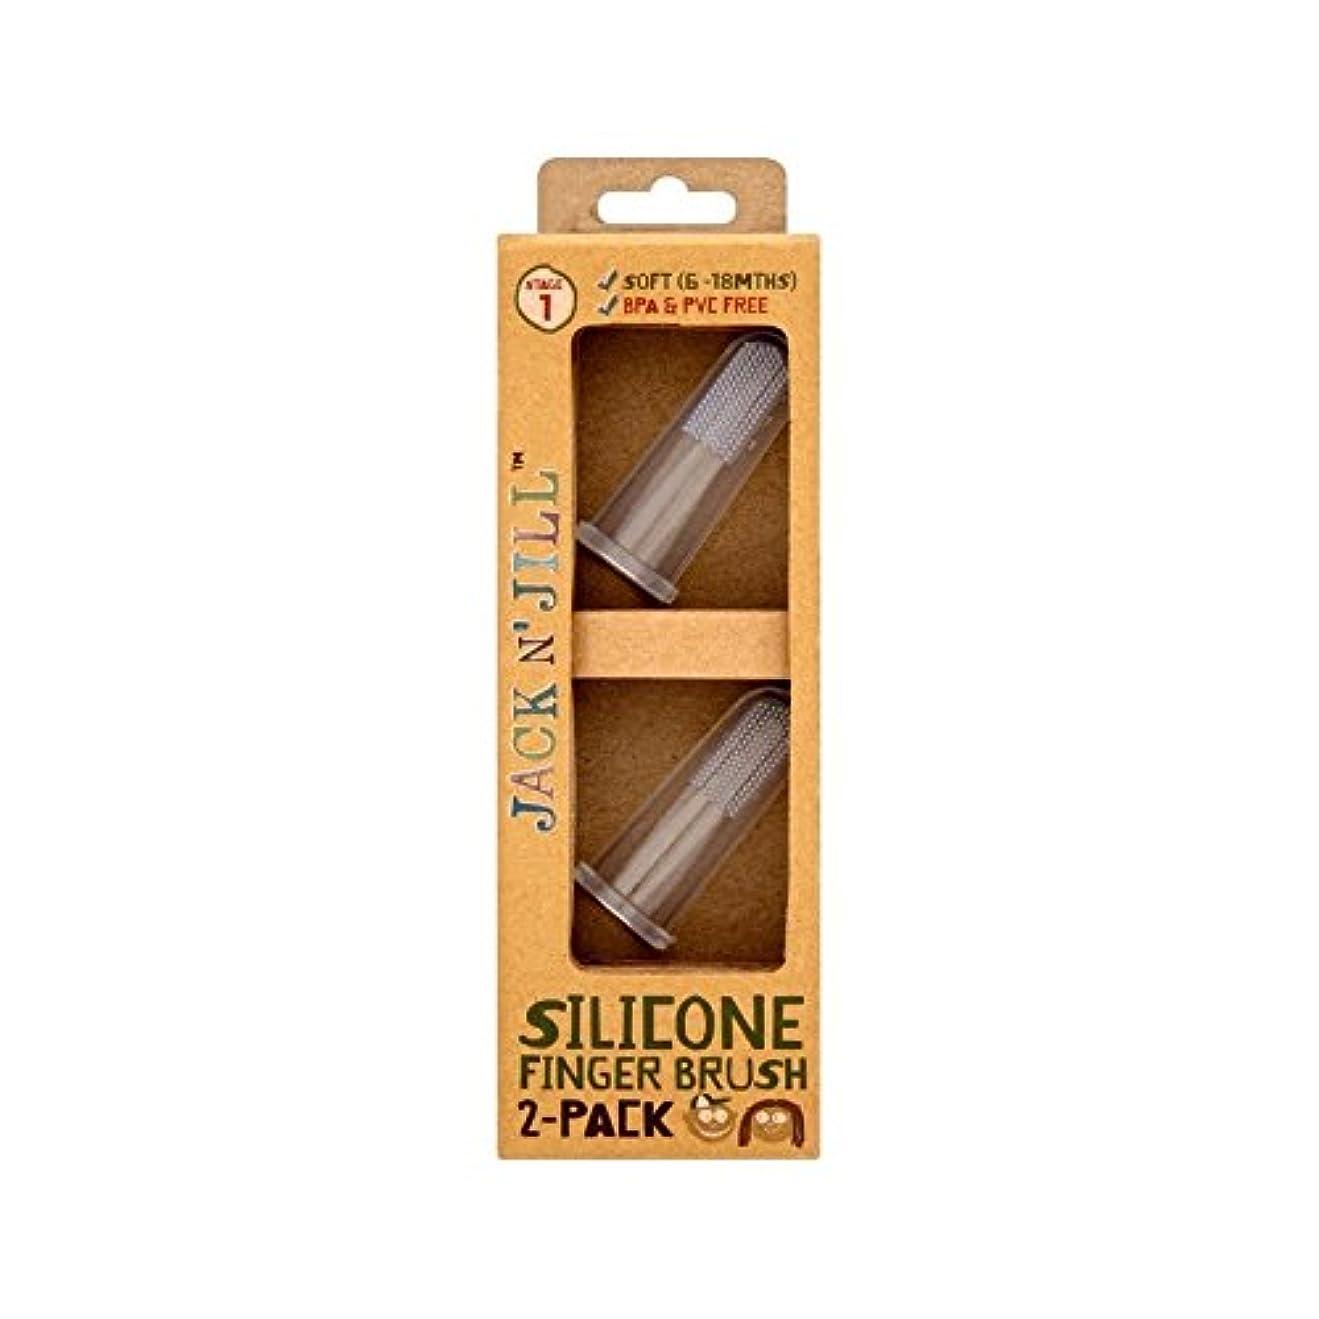 定刻影響する薄暗いシリコーン指ブラシ2パックあたりパック2 (Jack N Jill) (x 6) - Jack N' Jill Silicone Finger Brush 2 Pack 2 per pack (Pack of 6) [並行輸入品]